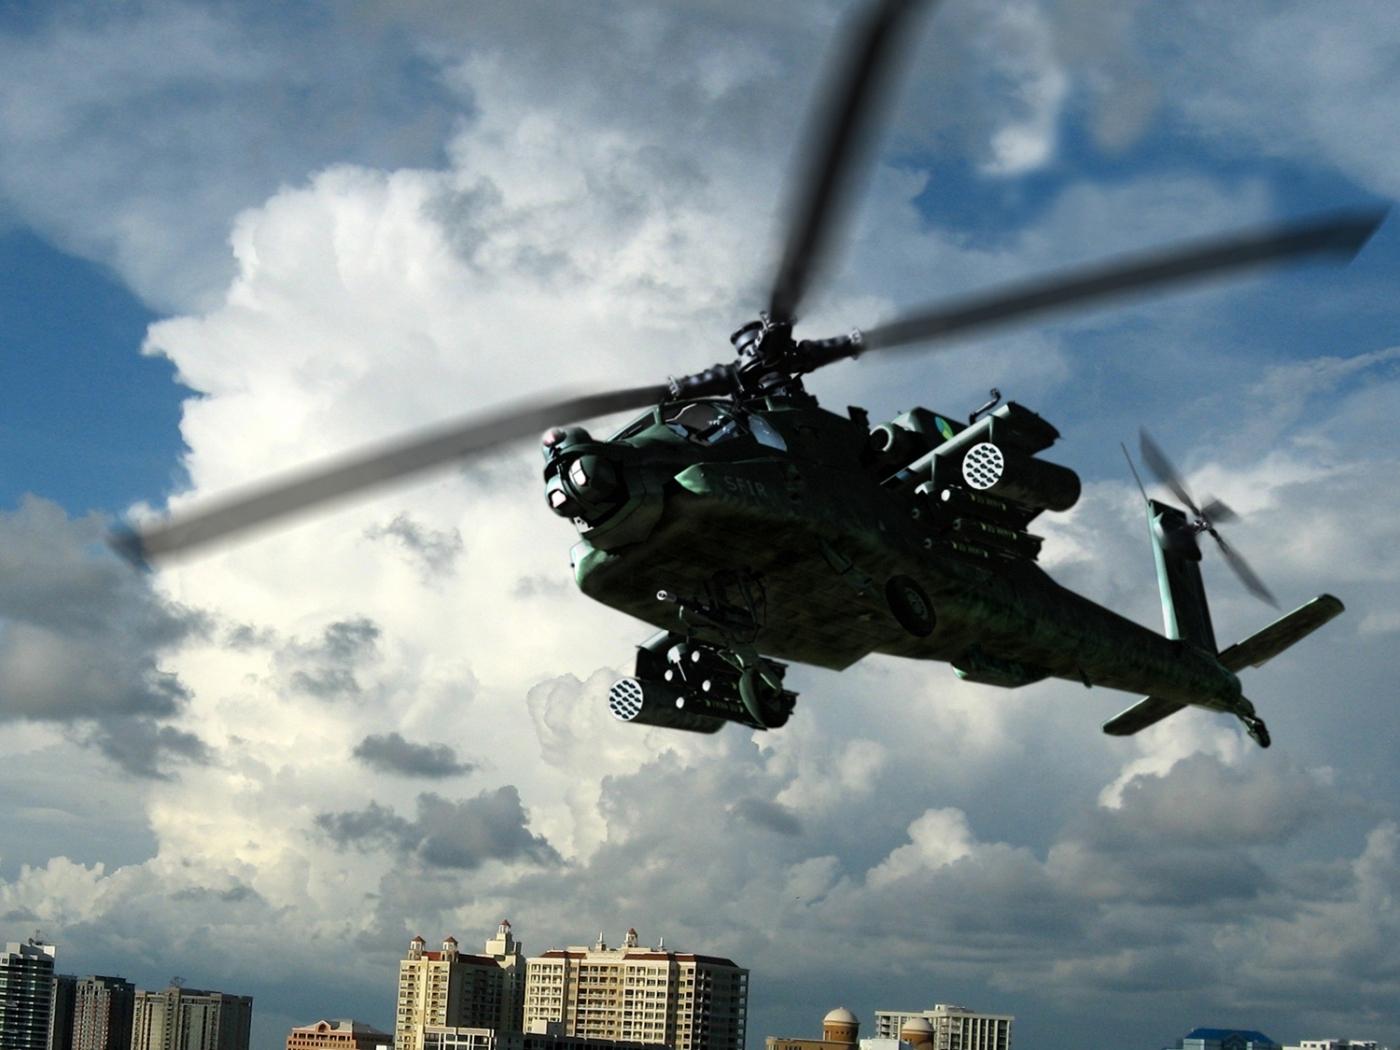 32008 Hintergrundbild herunterladen Transport, Hubschrauber - Bildschirmschoner und Bilder kostenlos